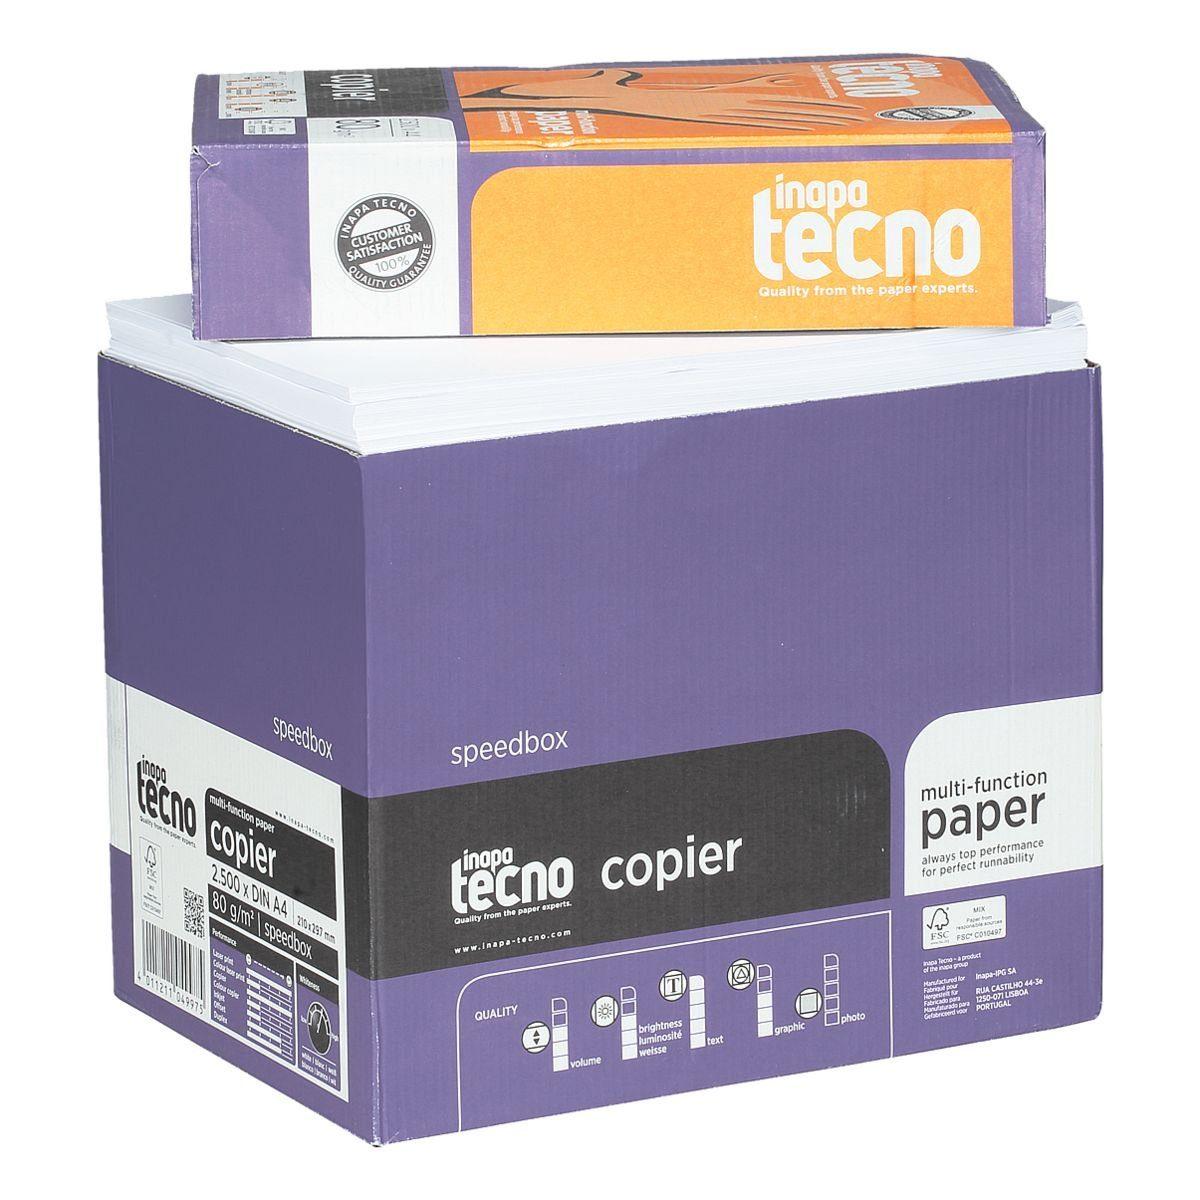 Inapa tecno Öko-Box Multifunktionales Druckerpapier »Copier«